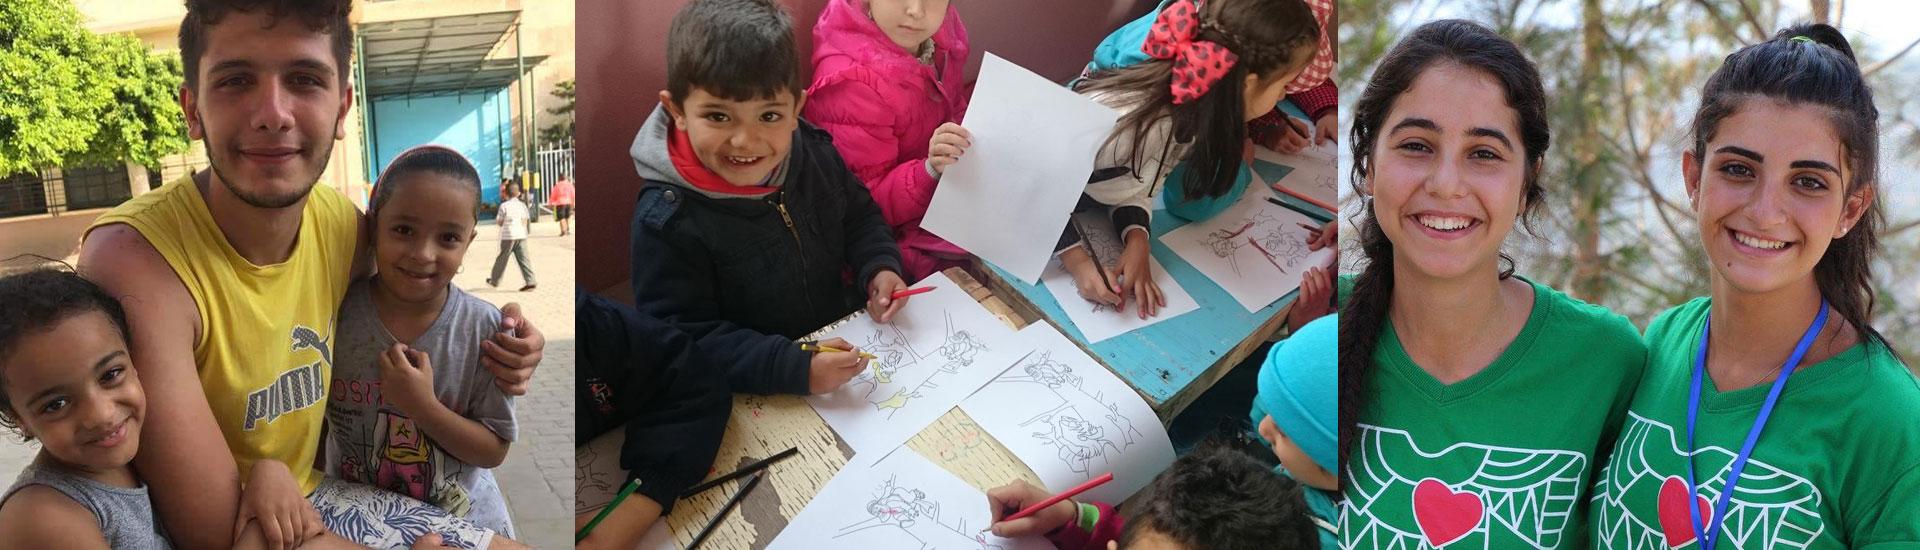 Siria, la ciudad olvidada que no pierde la esperanza